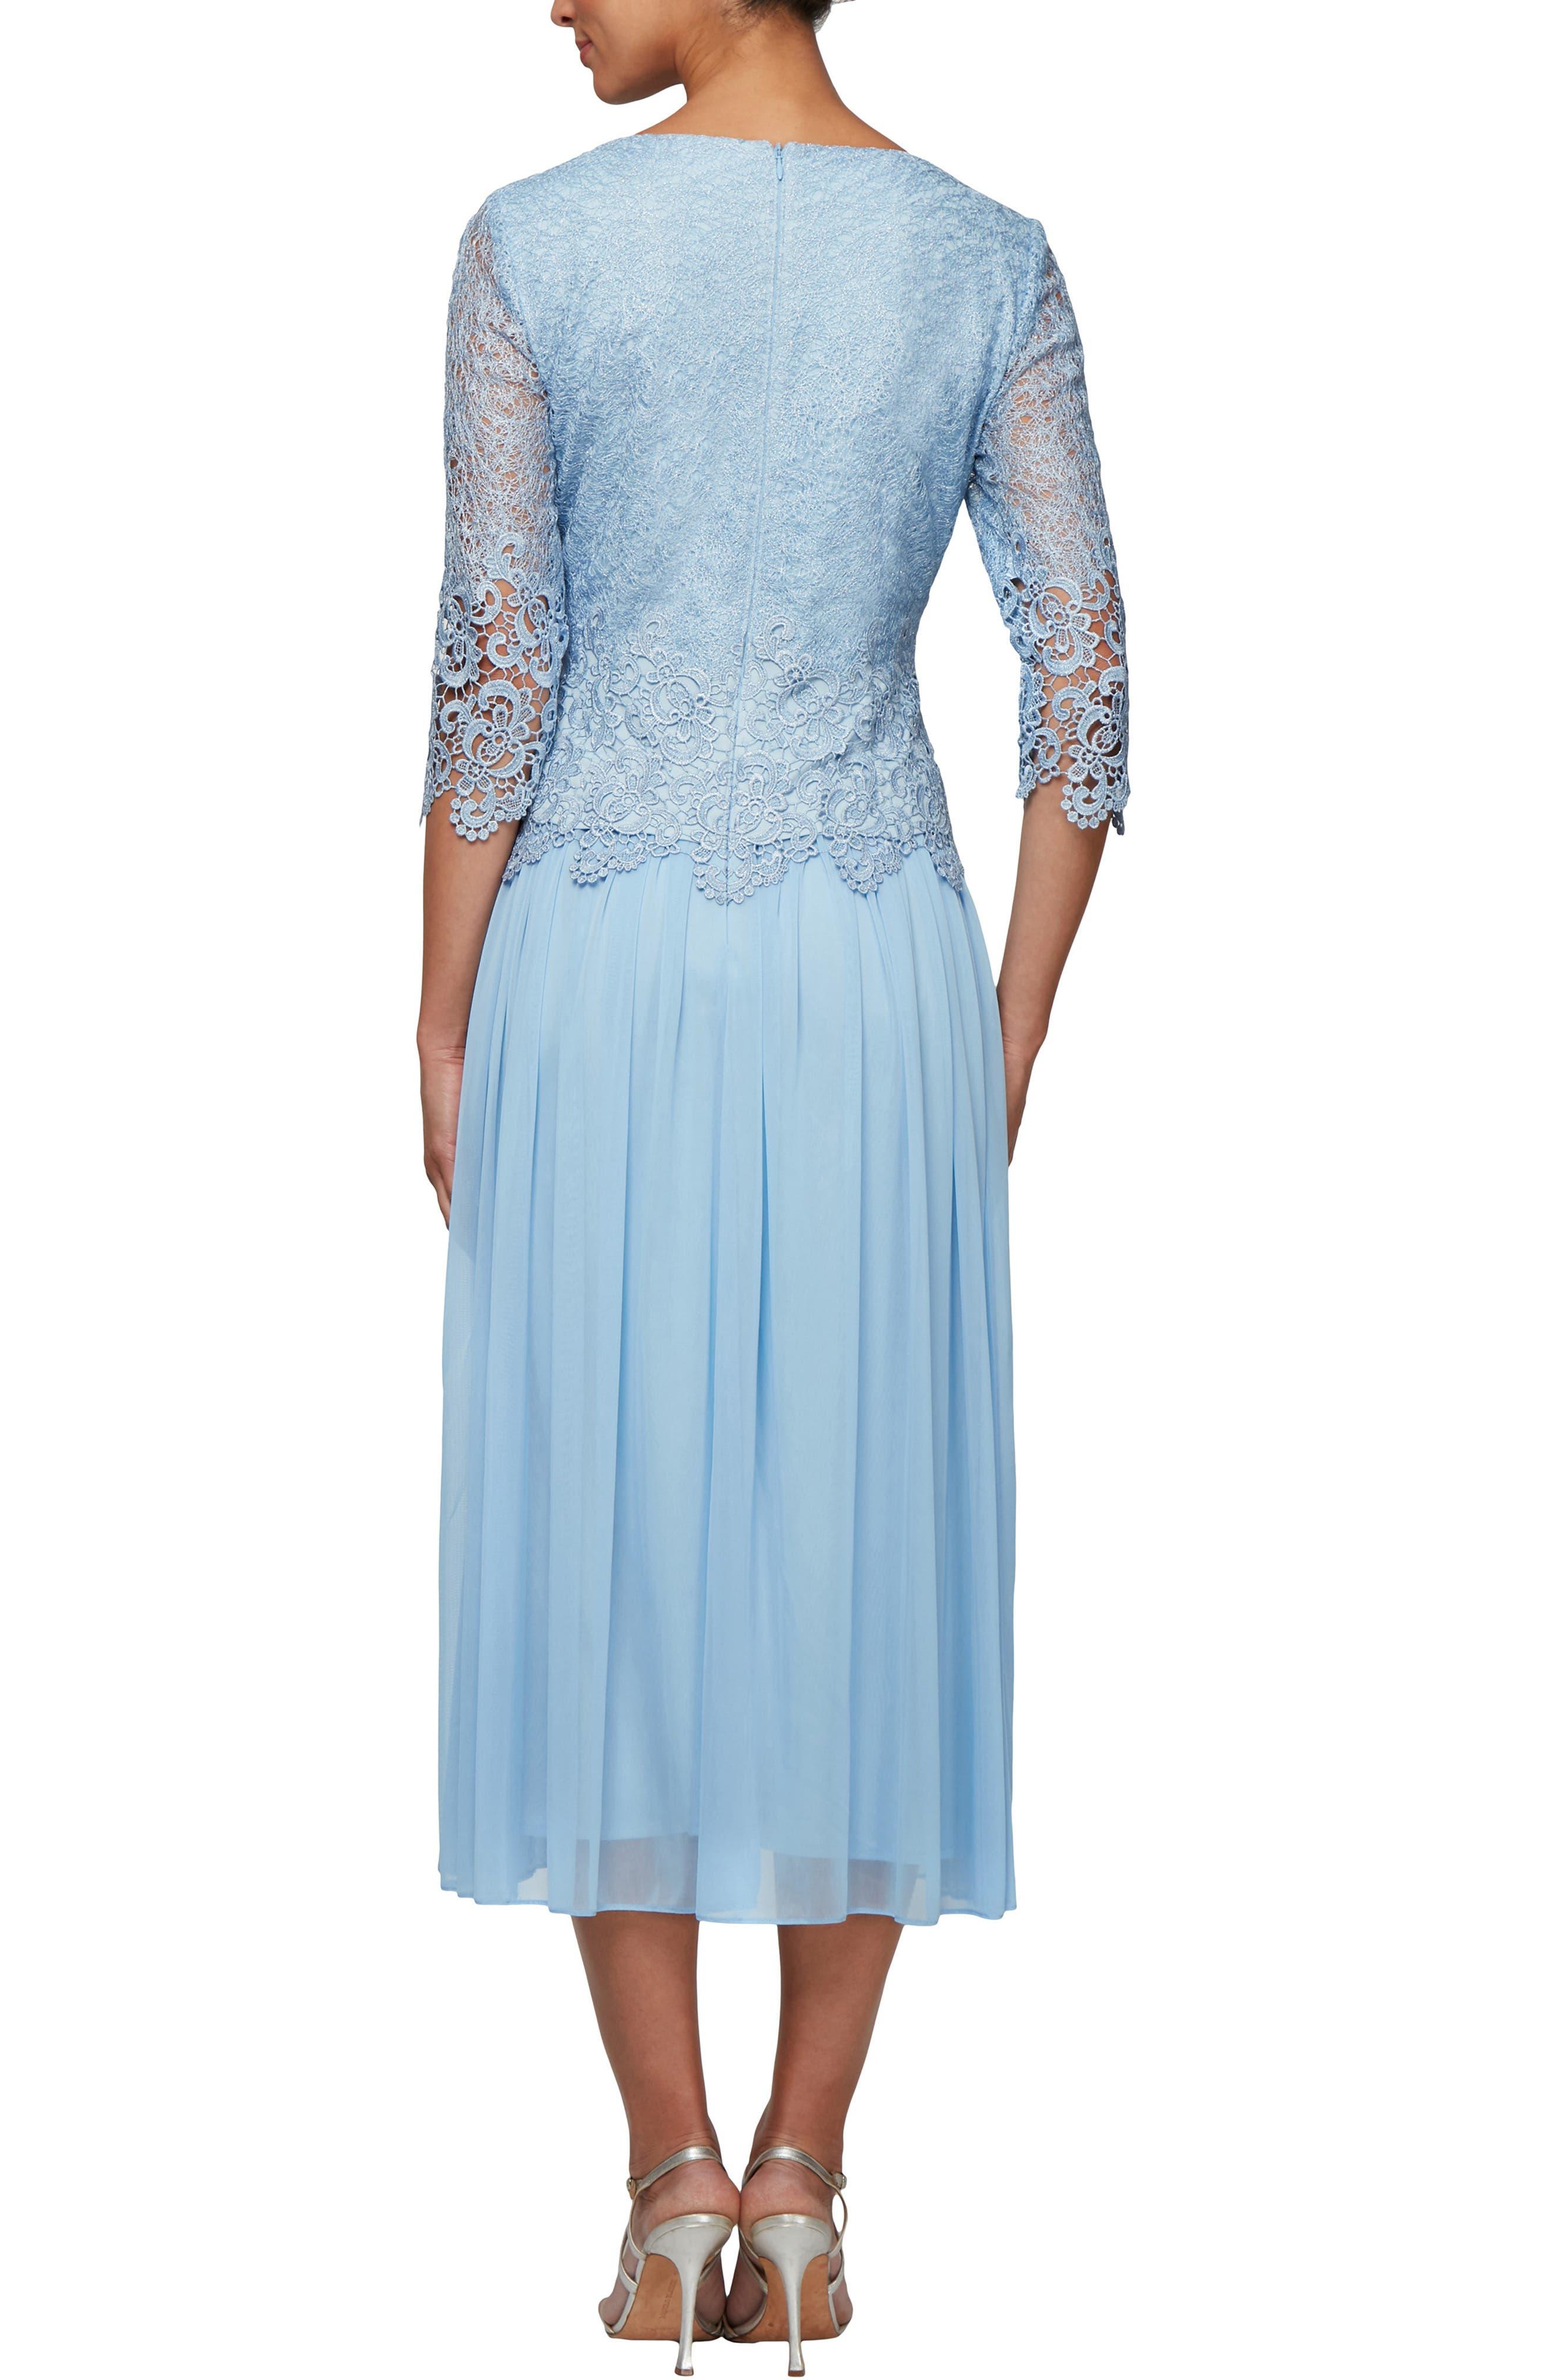 cbf91e9b14 Dresses Mother-of-the-Bride Dresses